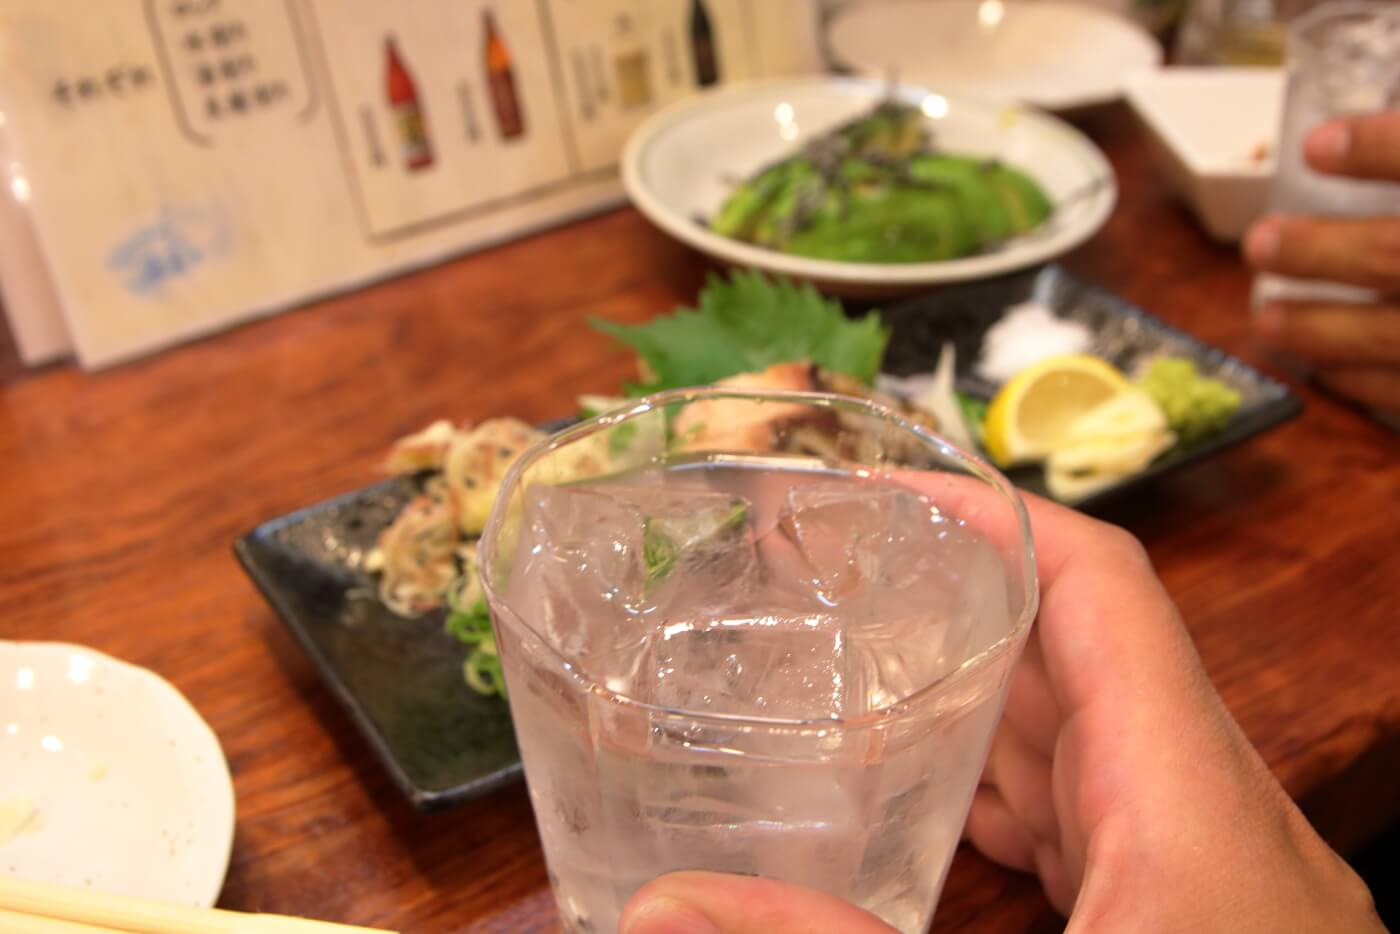 リニューアルオープンした高知市の居酒屋英屋のドリンク 焼酎ロック